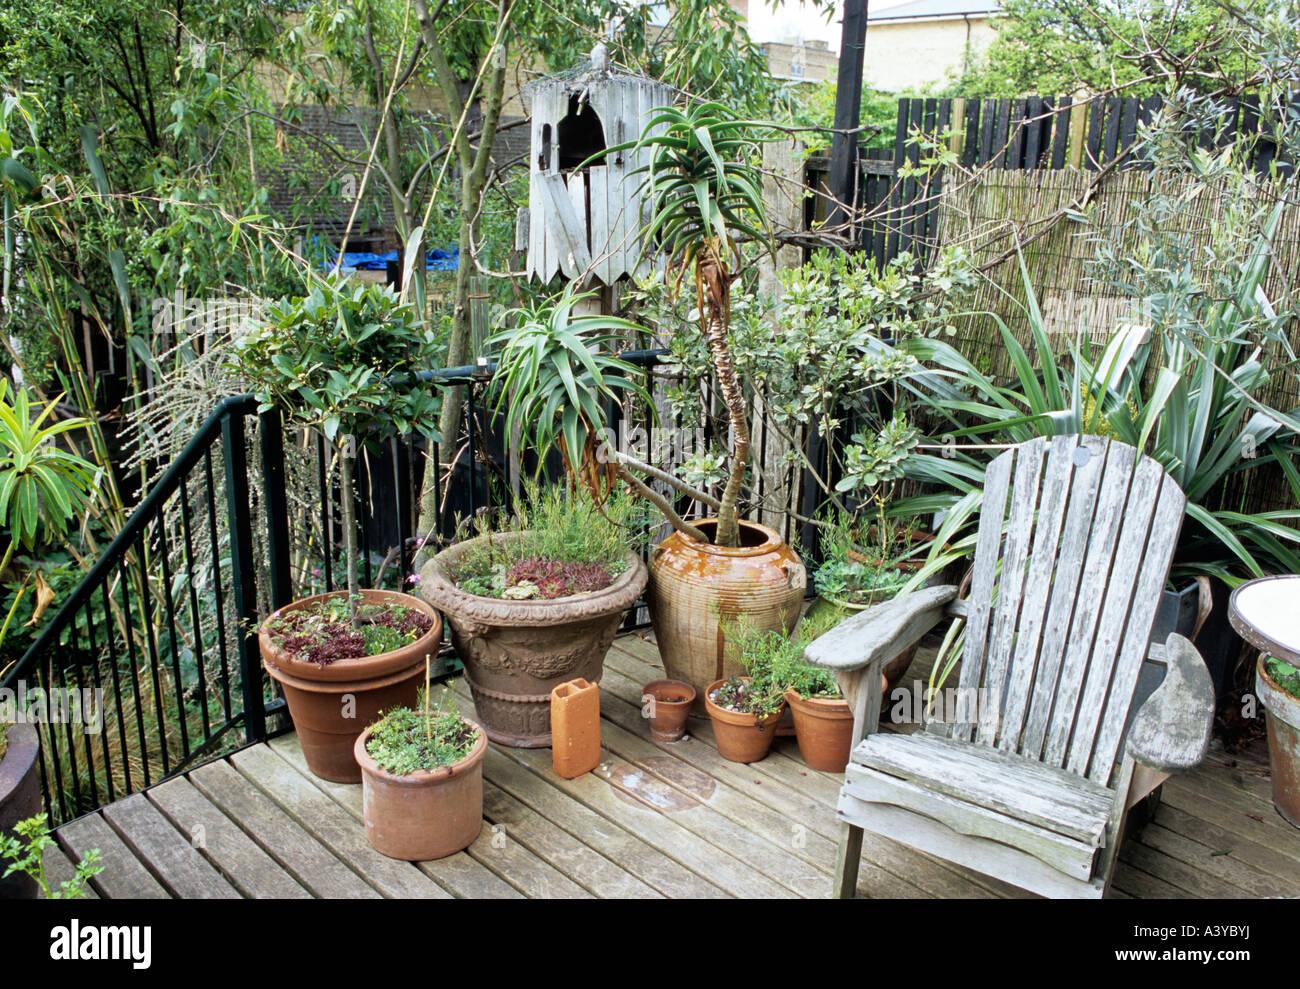 Groupe De Plantes En Pot Et Un Vieux Fauteuil De Jardin Sur Terrasse